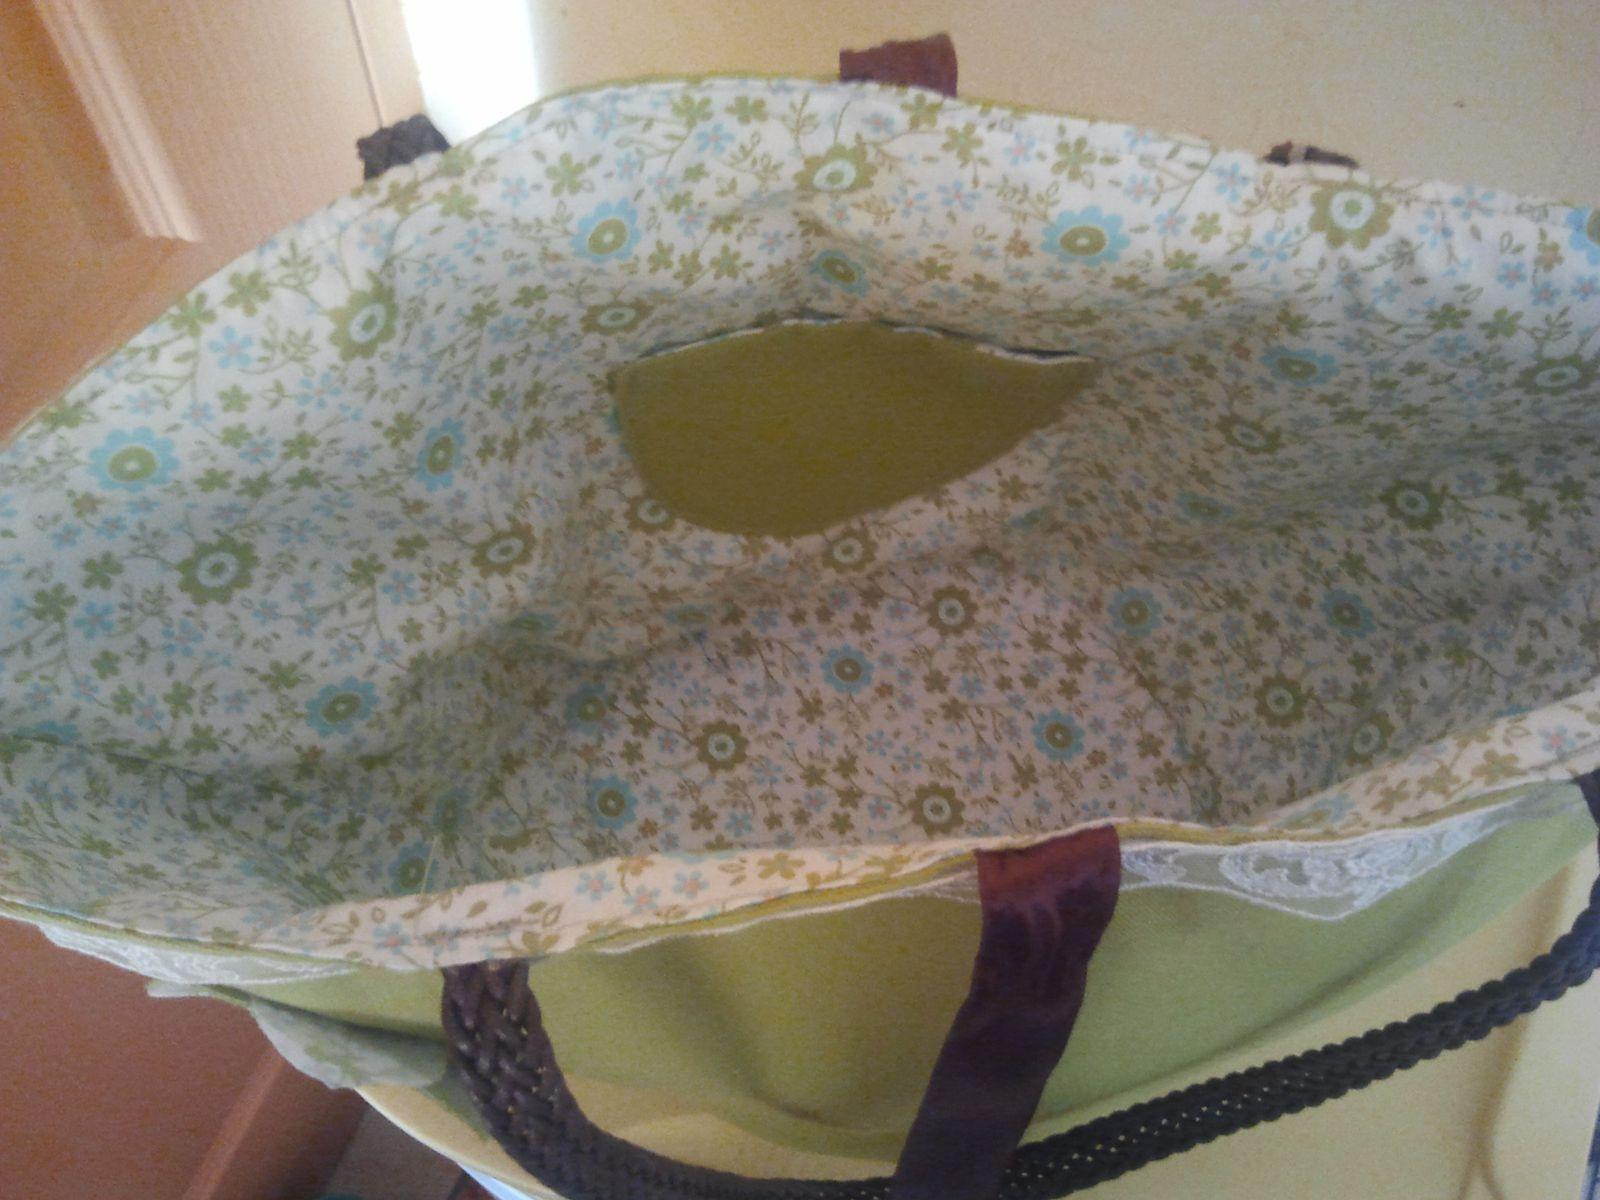 Joli sac panier 47 cm de large par 25 de haut tissu coton,entierement doublé, fermé par lien, petit poche intérieur, tour du sac orné d'une dentelle. Anses 52 cm